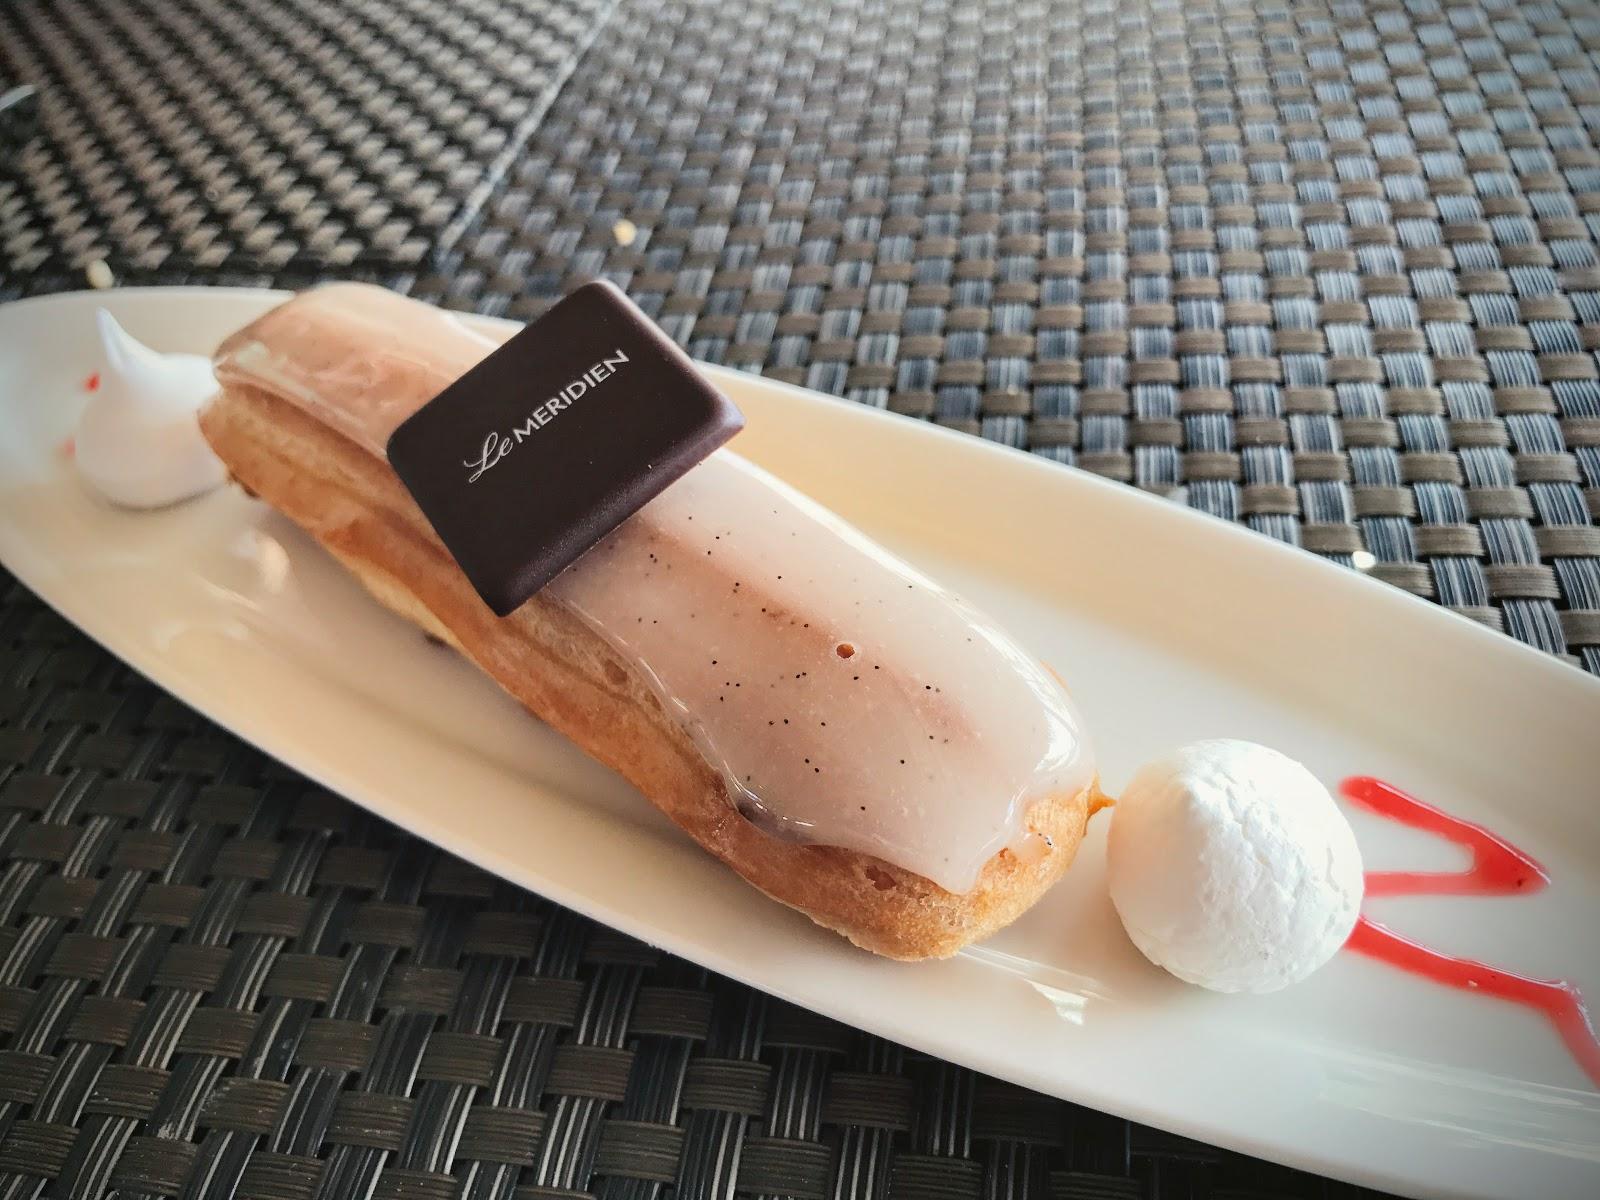 環遊世界|大溪地|Te Ava Restaurant @Bora Bora艾美酒店 SPG會員泡芙